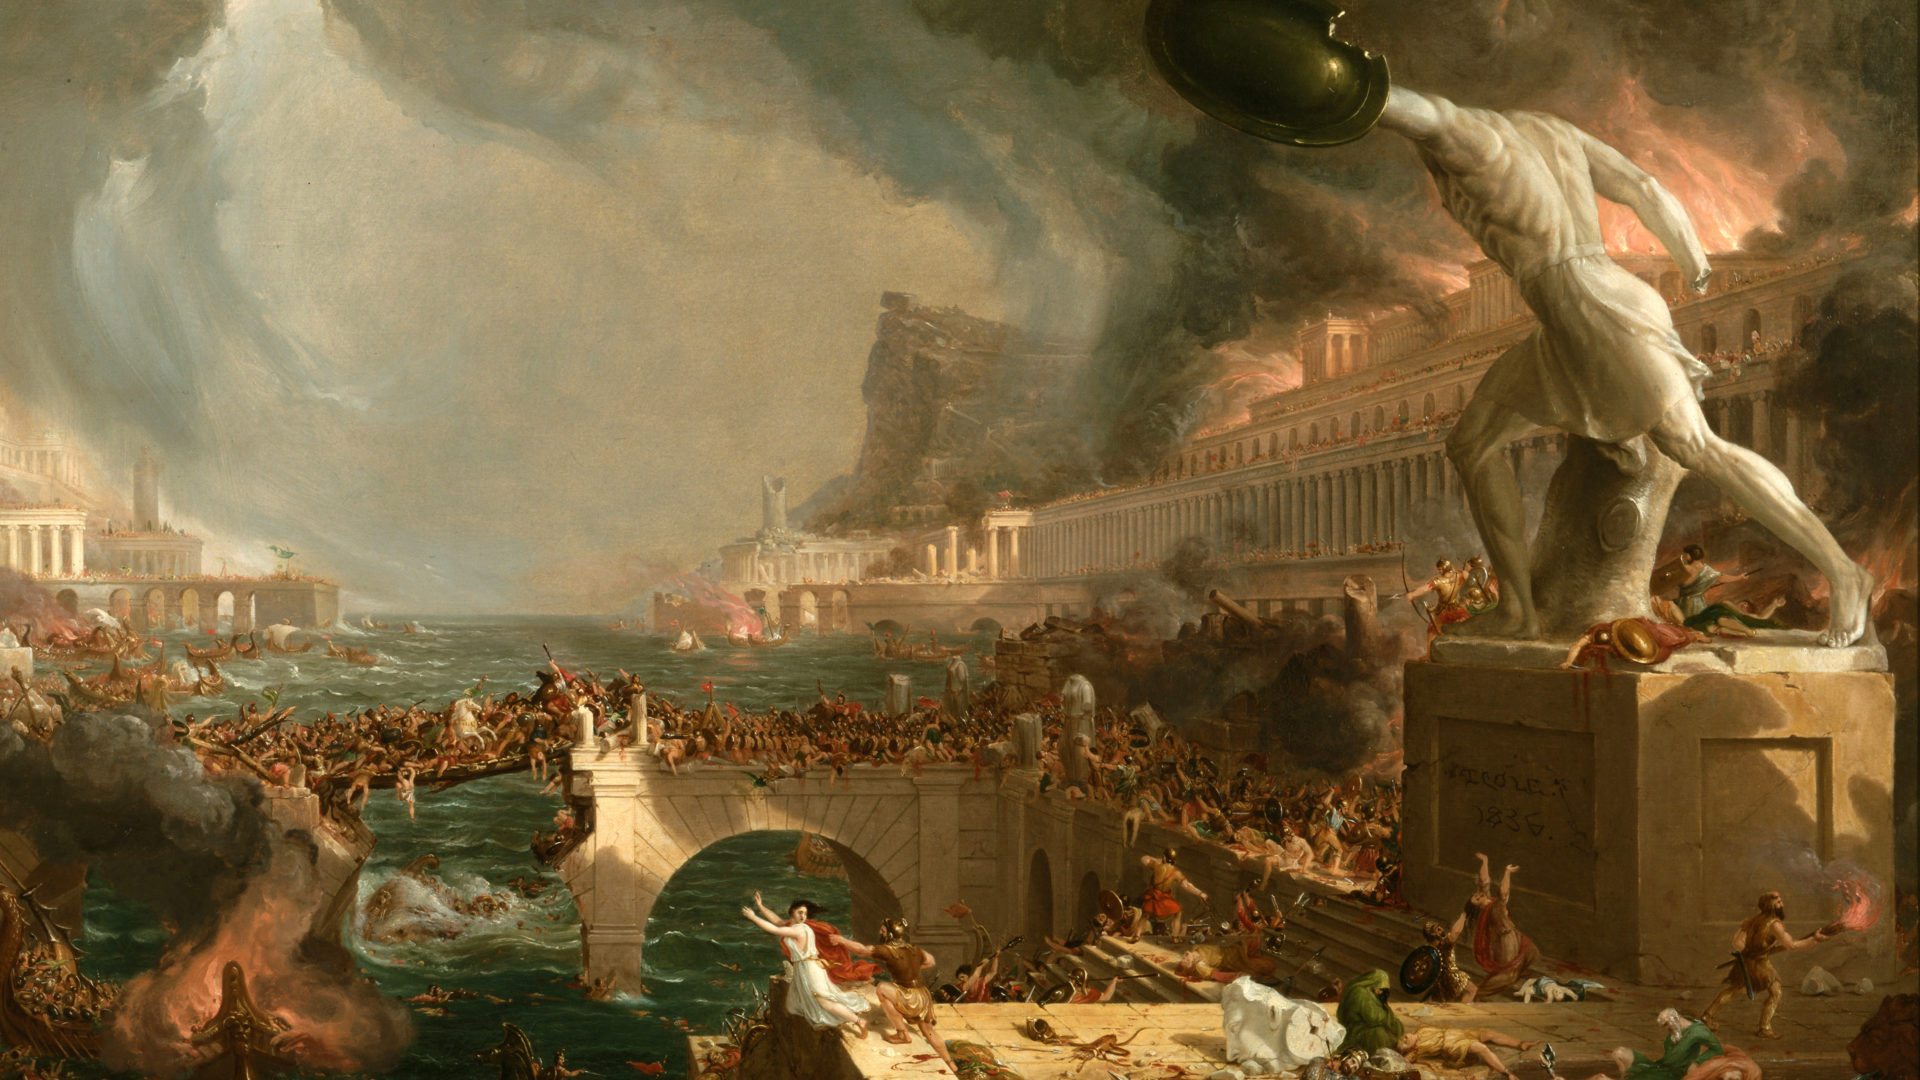 Destruction, Thomas Cole (1836)